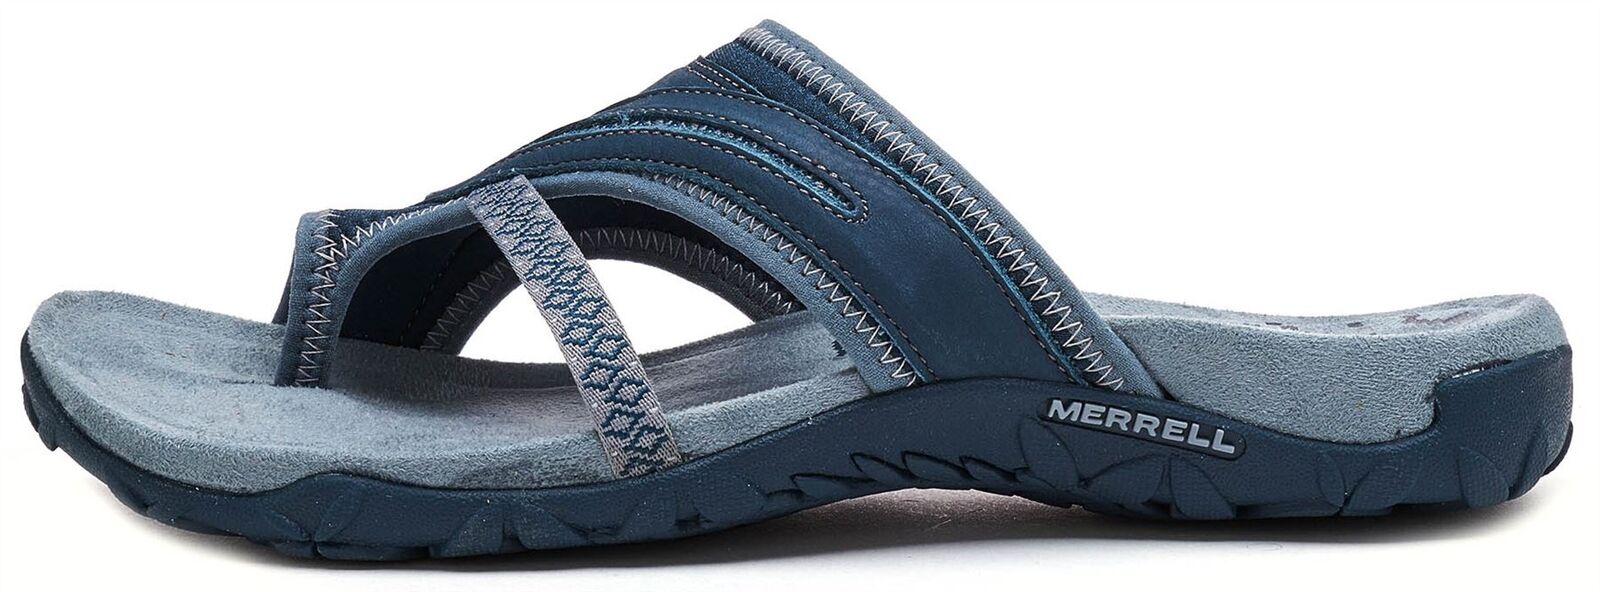 Merrell Terran Post II Damen Sandale in Schiefer-Blau J98750